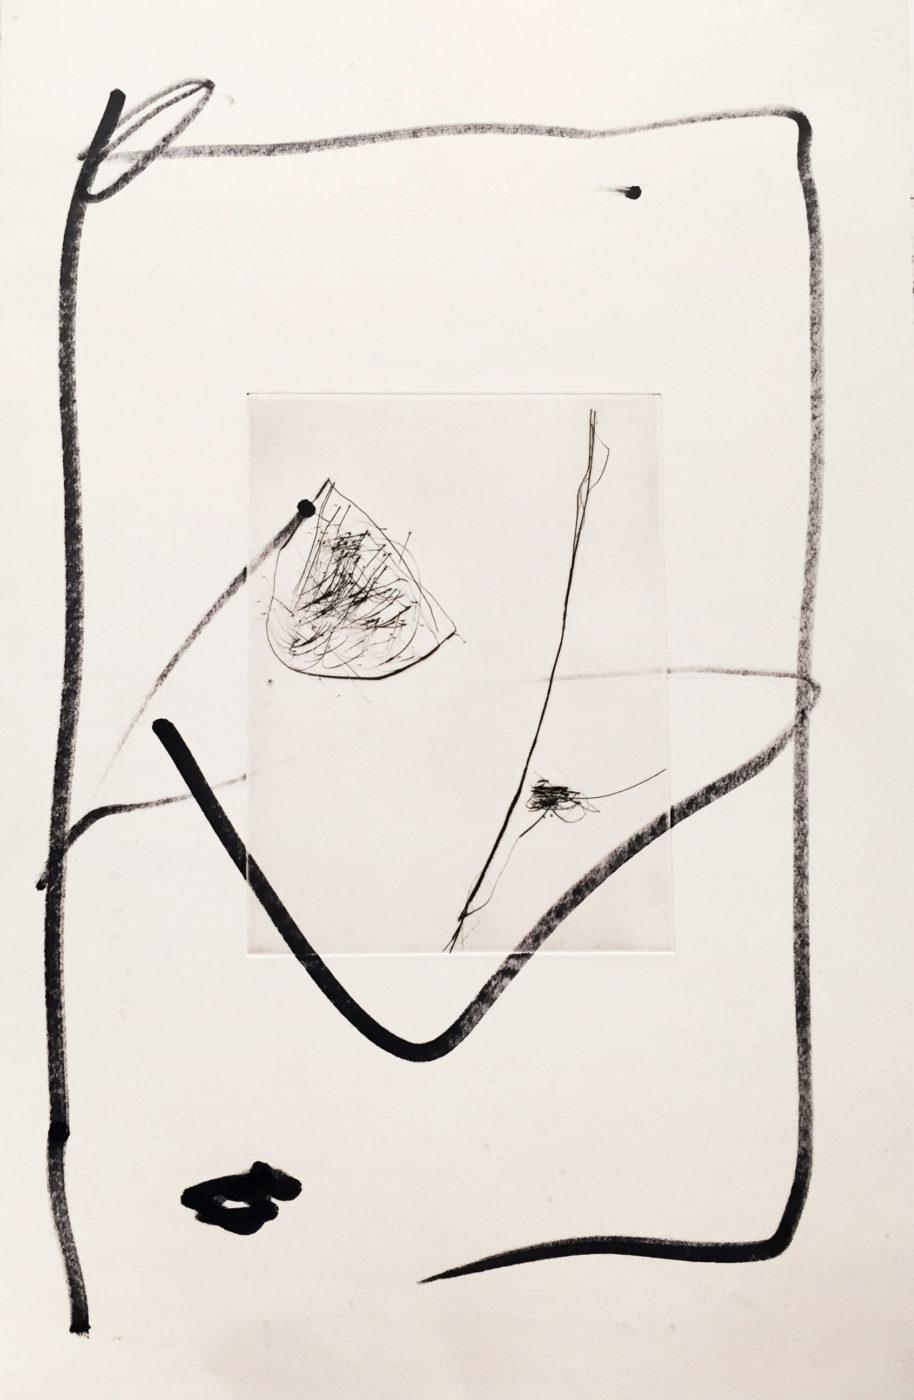 MARC FELD 2010-2016 LIGNES DE FUITE 5 Gravure sur zinc rehaussée au stylo feutre 28 x 38 cm tirage Patrick Vernet